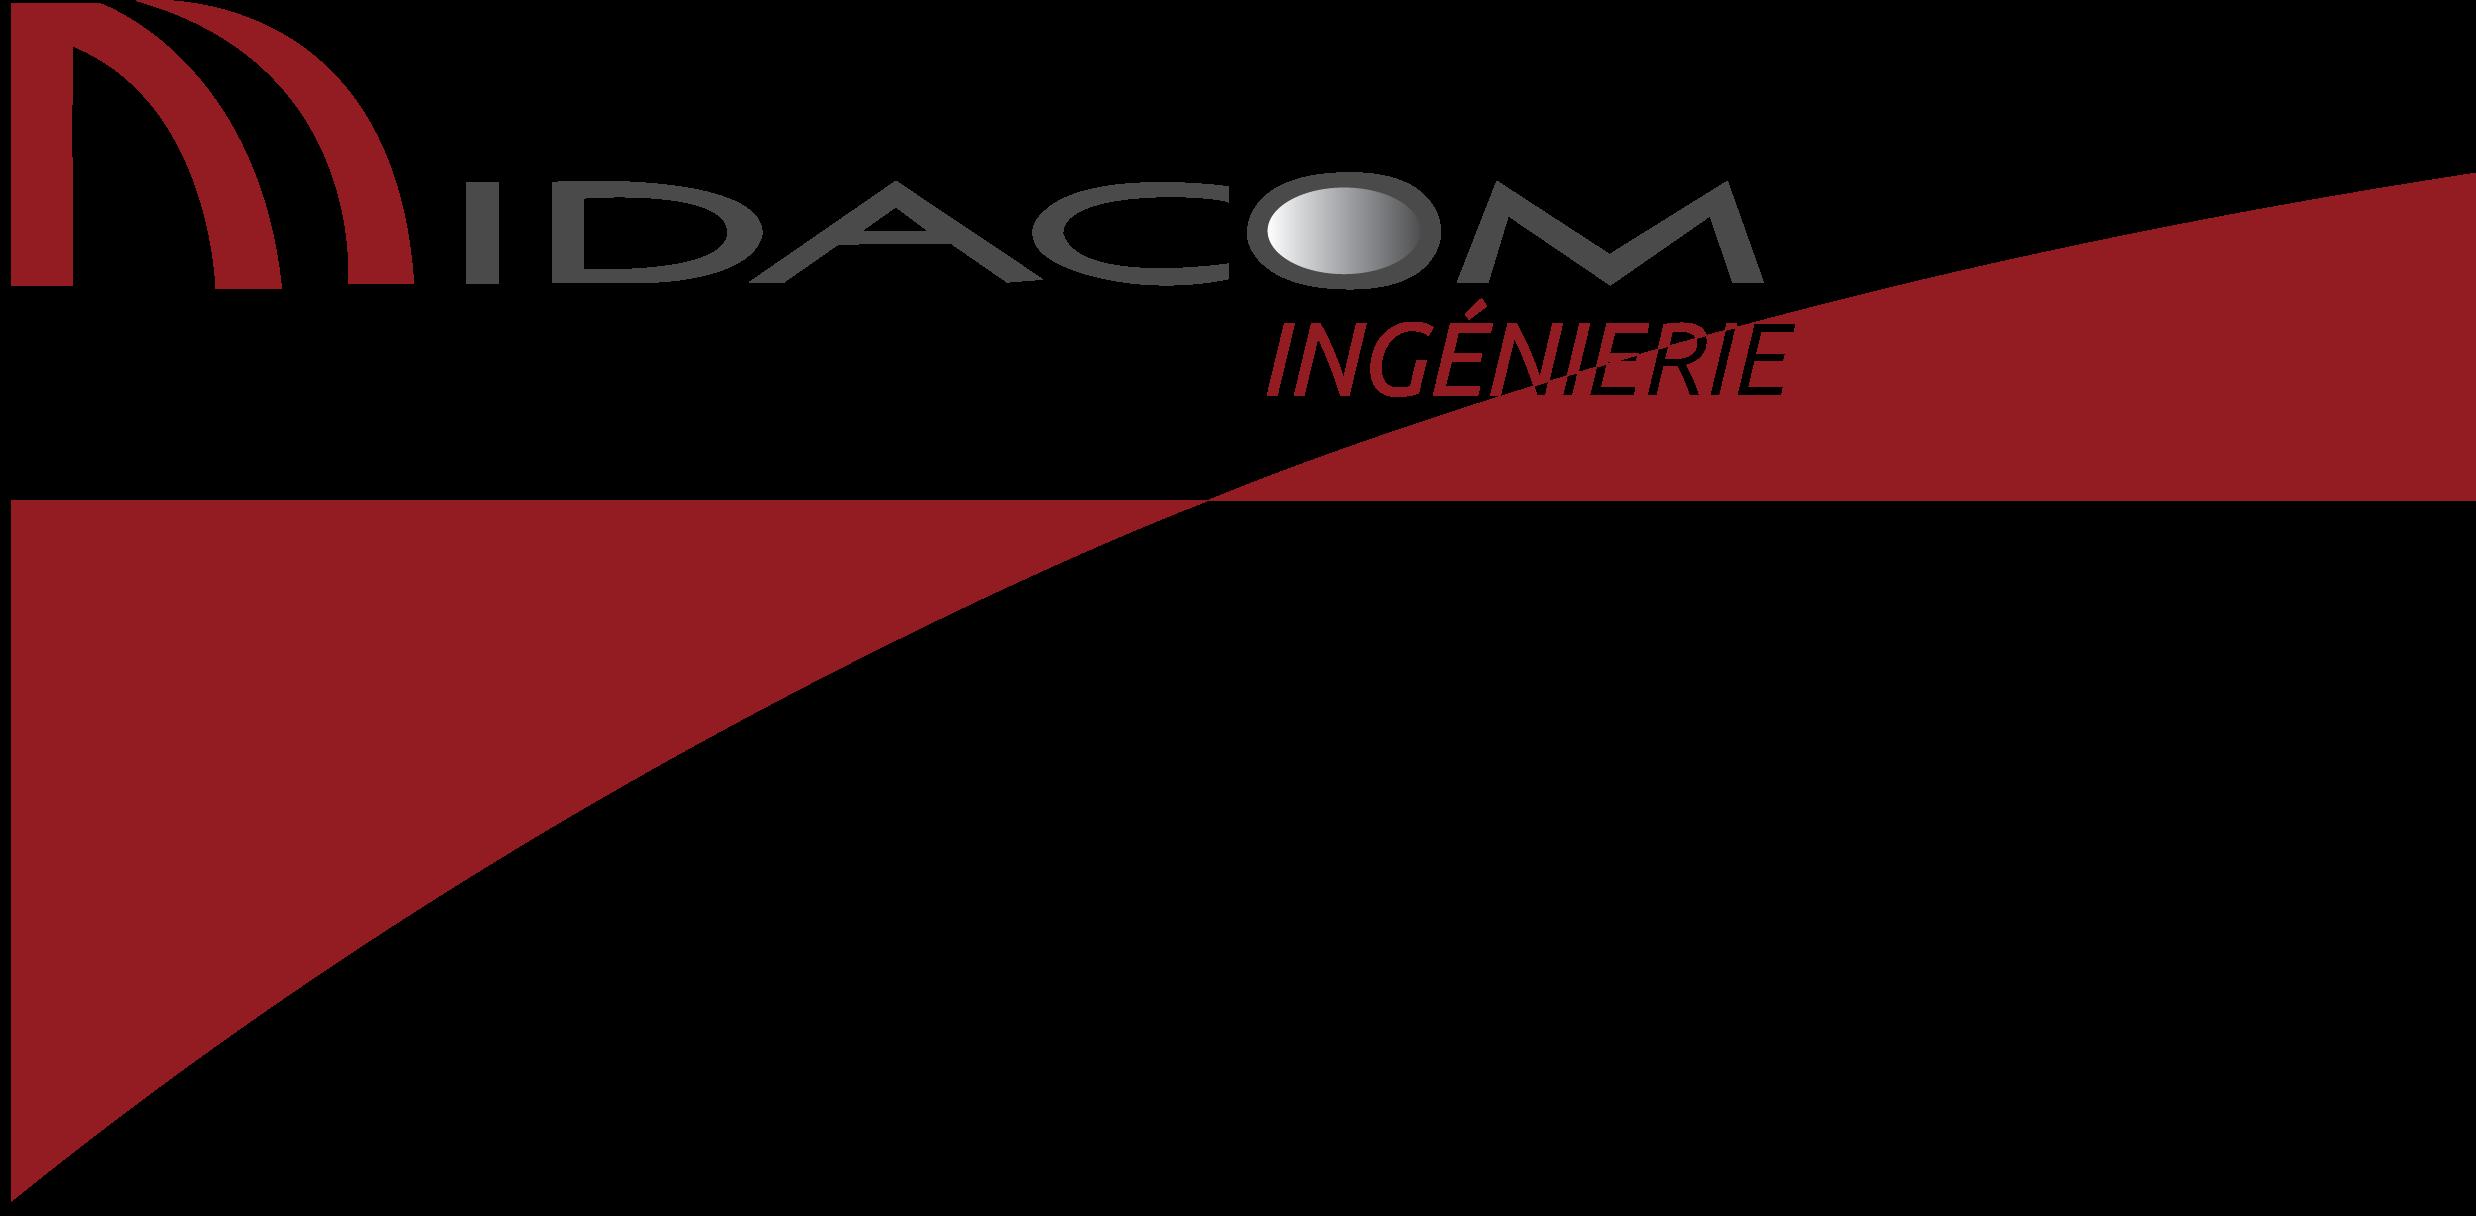 Logo de Midacom Ingénierie